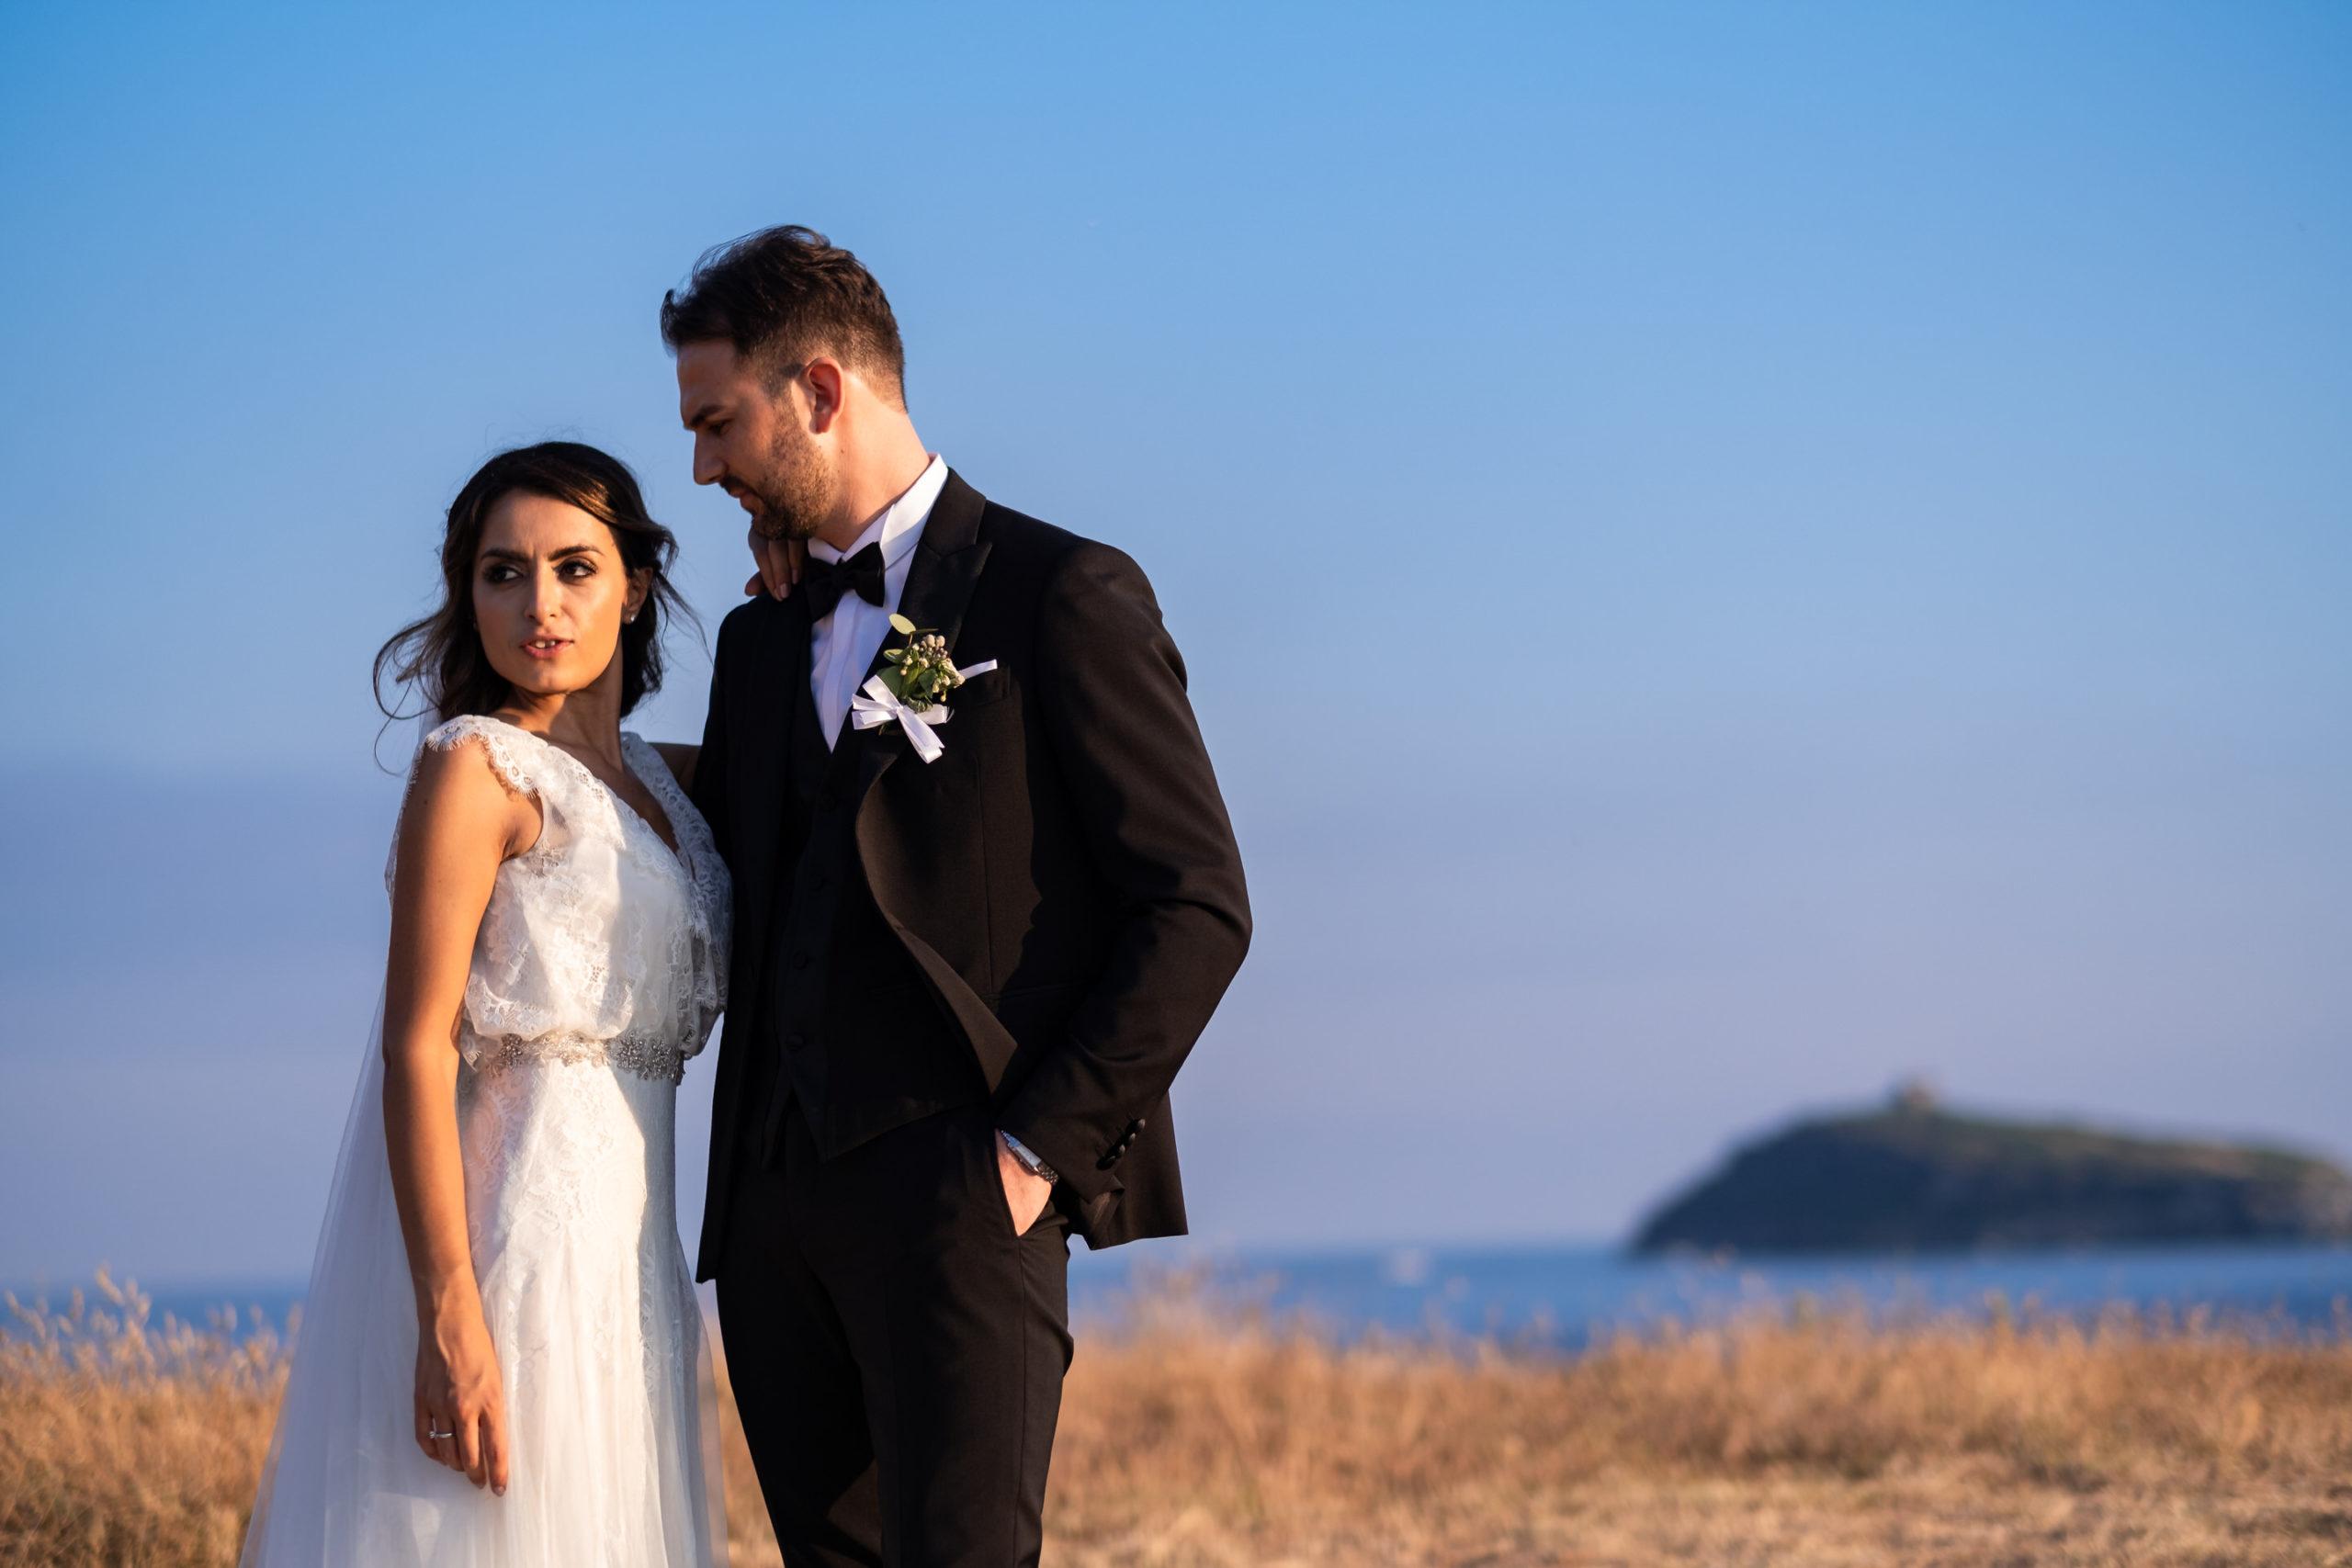 wedding in diamante calabria italy In Front of Isola di Cirella